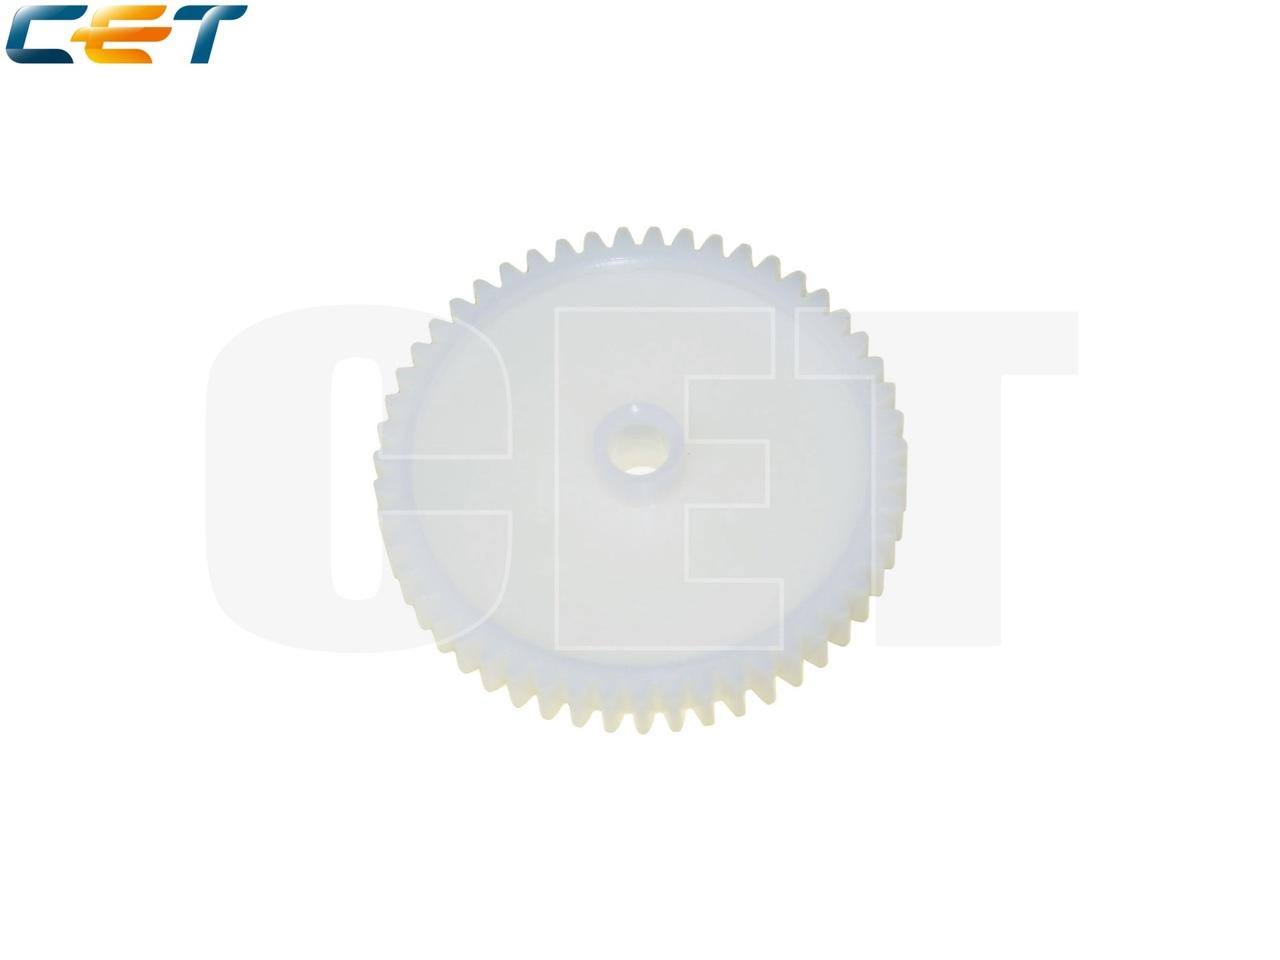 Шестерня привода фьюзера 51T RU5-0044-000 для HPLaserJet 4200/4300/4250/4350 (CET), CET4945